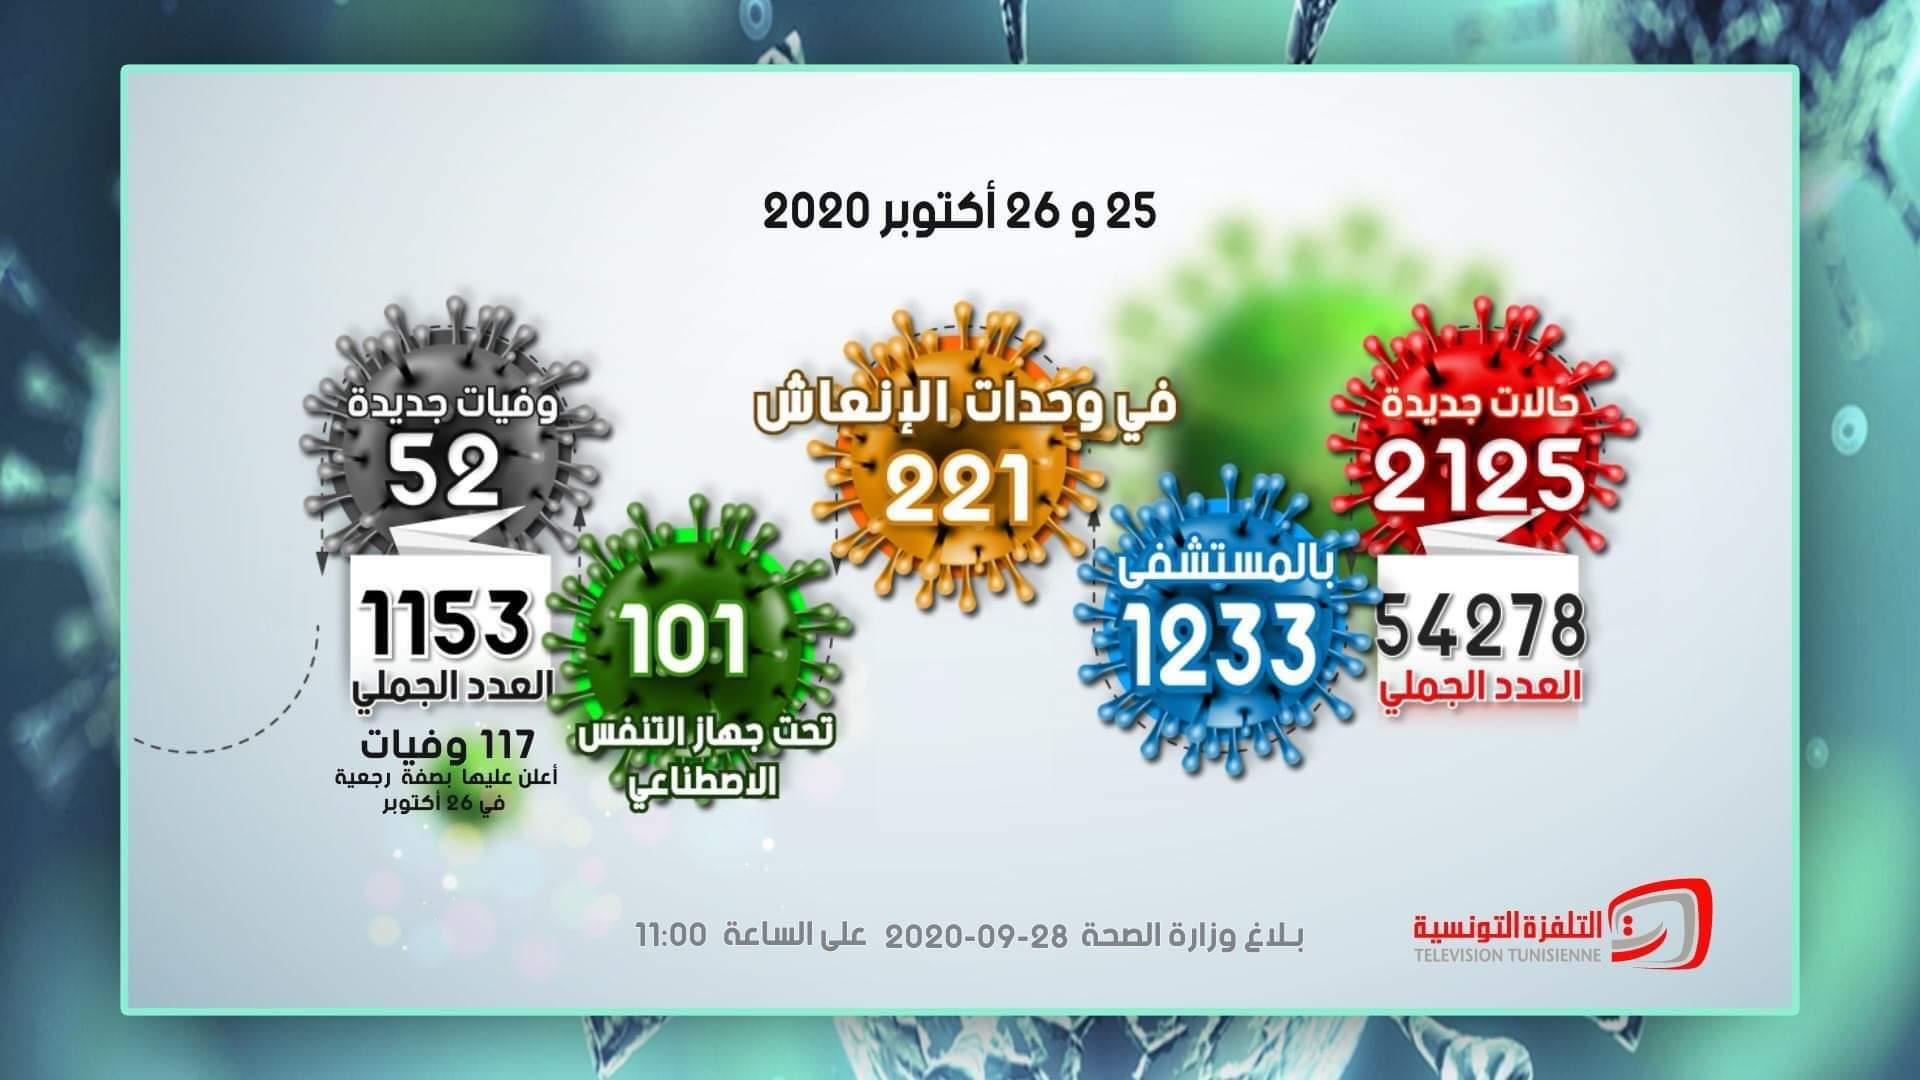 وزارة الصحة: تسجيل 2125 إصابة جديدة بفيروس كورونا بتاريخ 25 و26 أكتوبر 2020